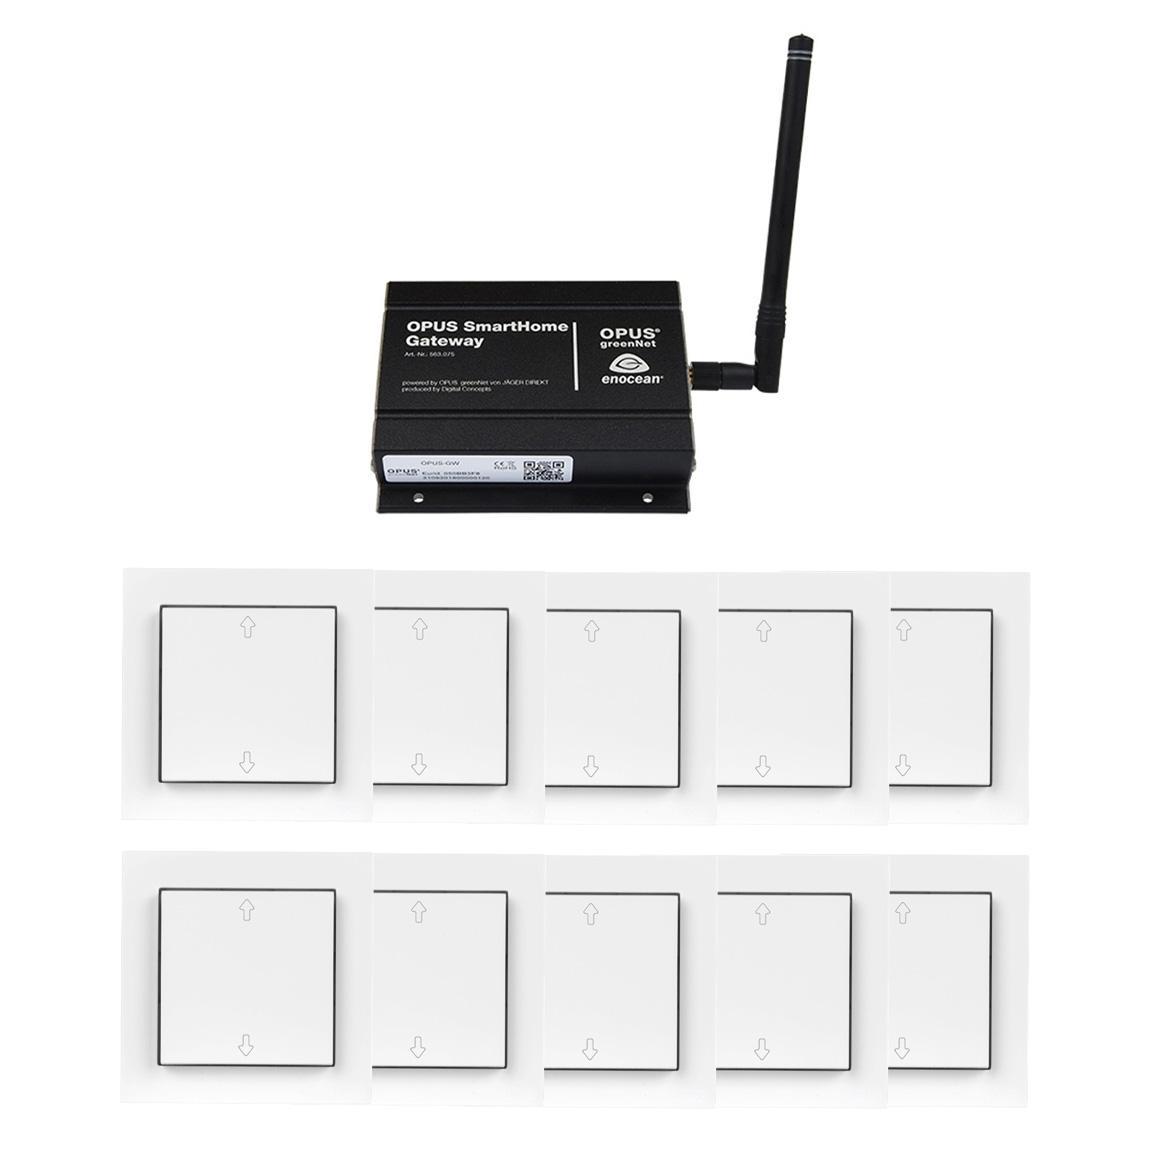 OPUS Komplettset Rollladen - 10x Rollladenschalter + Gateway